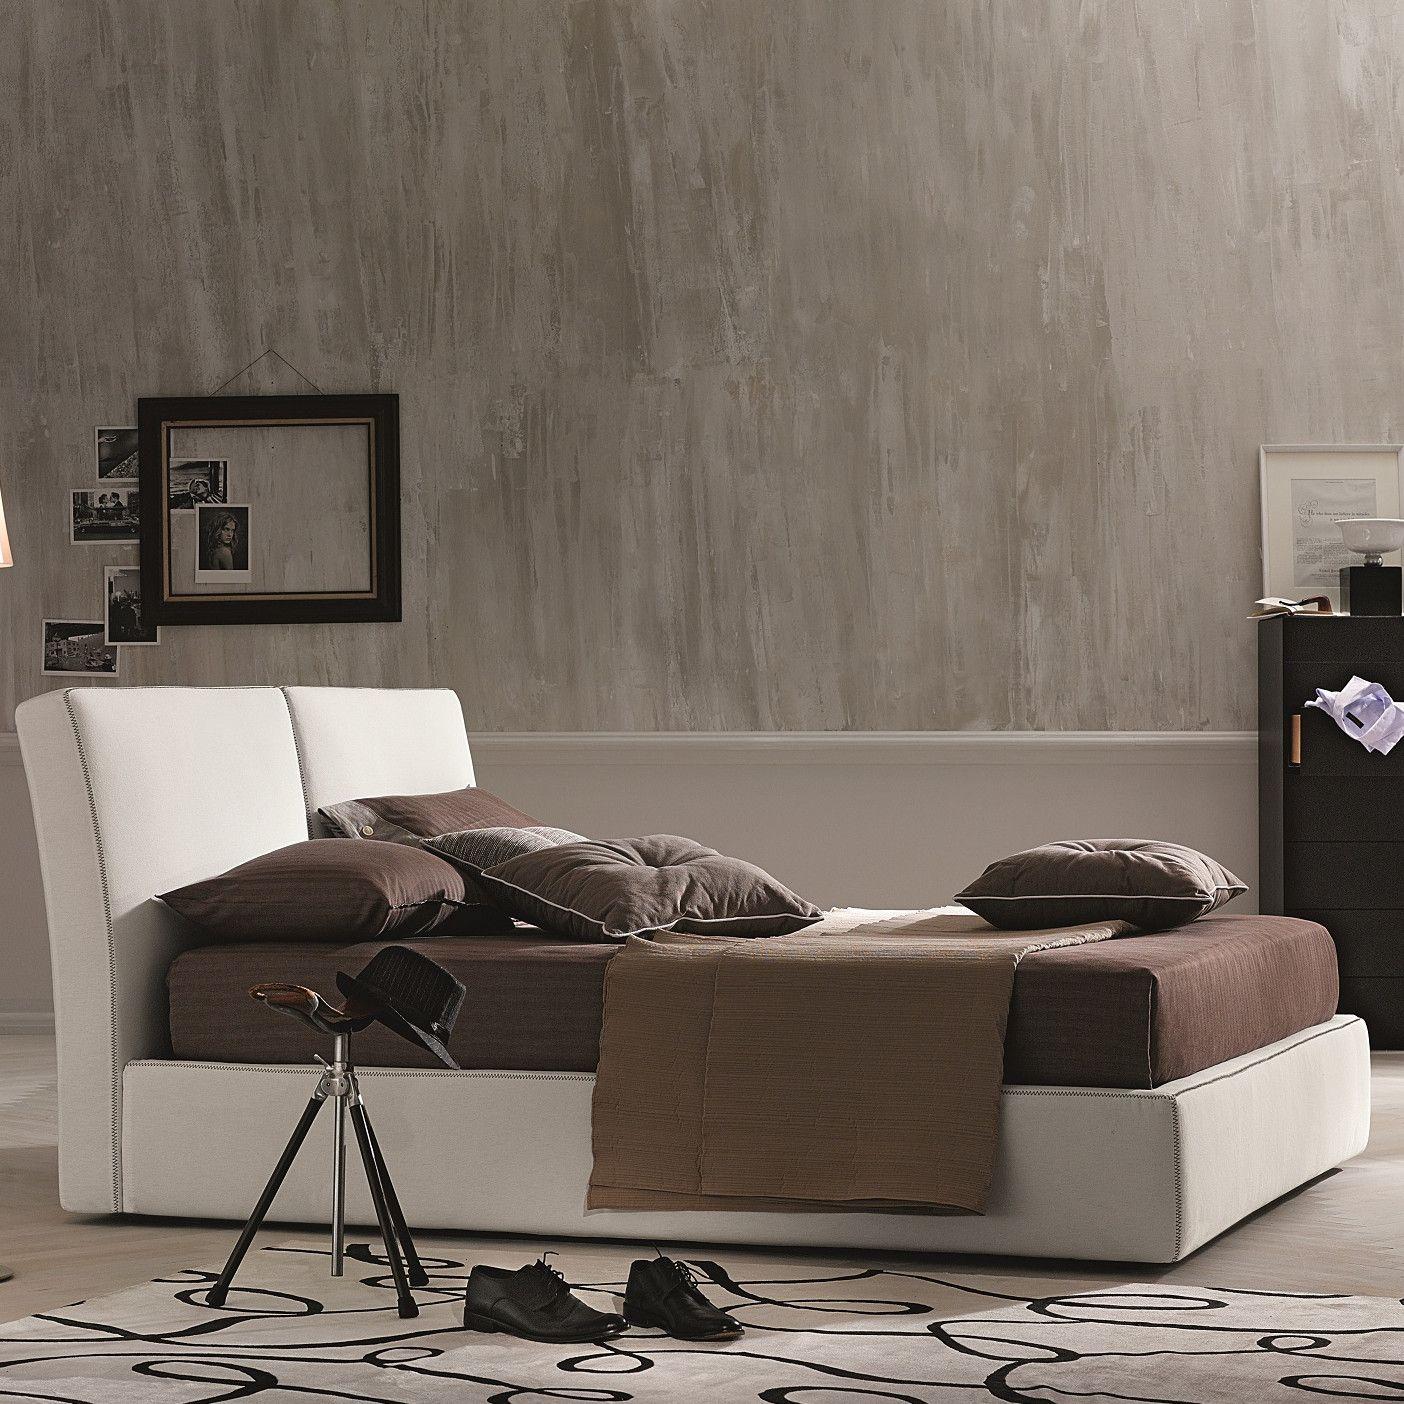 Gloucester Upholstered Standard Bed Upholstered platform